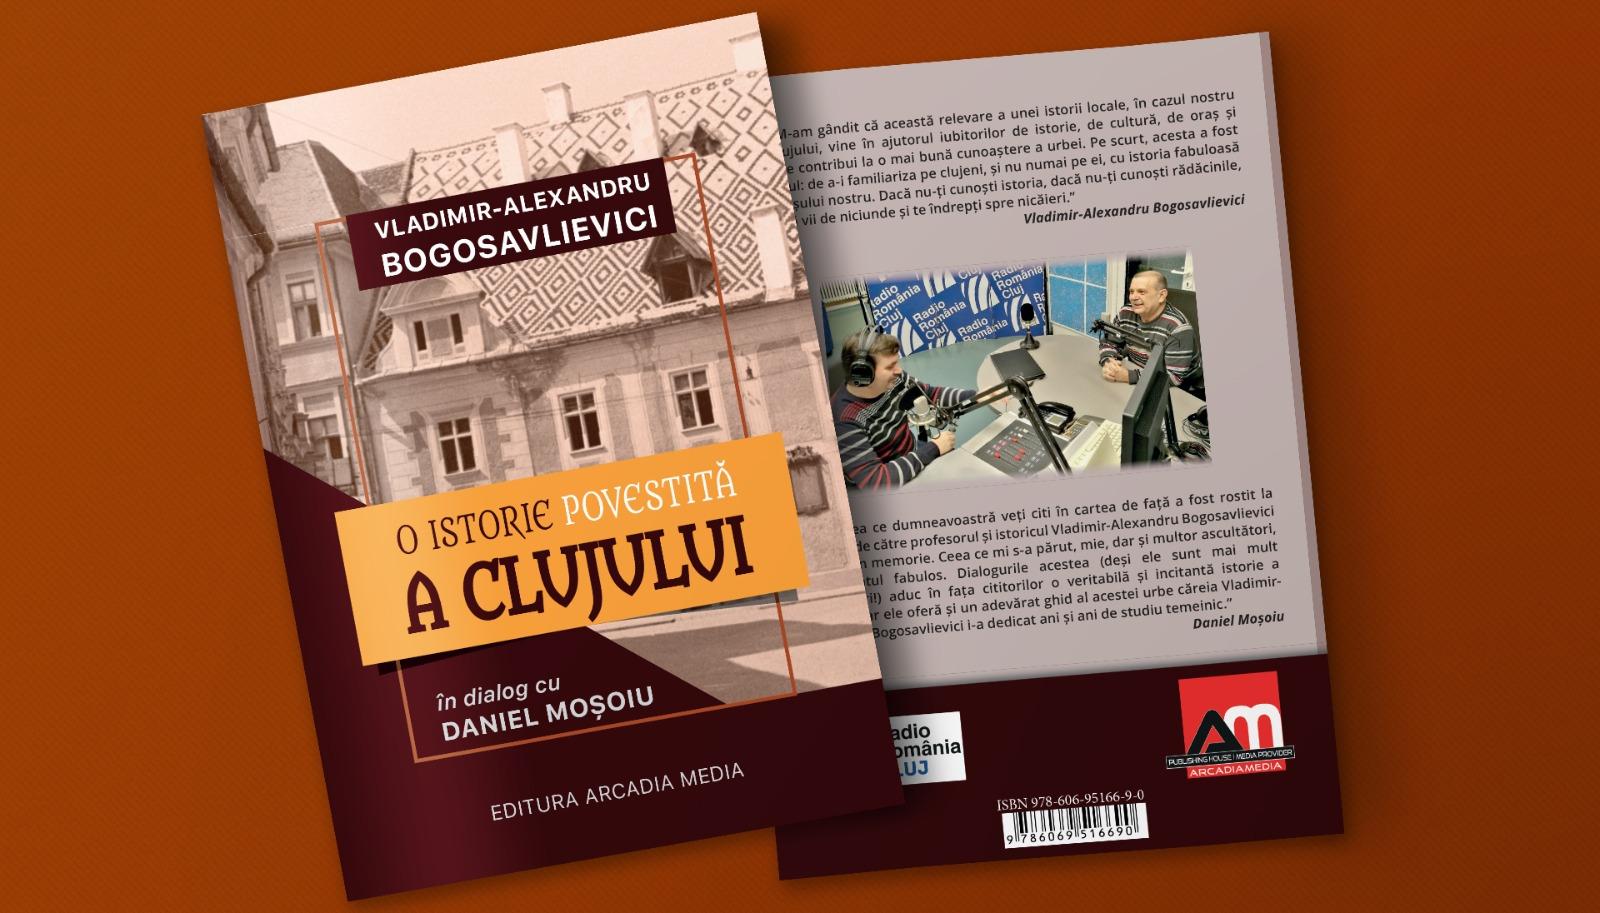 O istorie povestită a Clujului